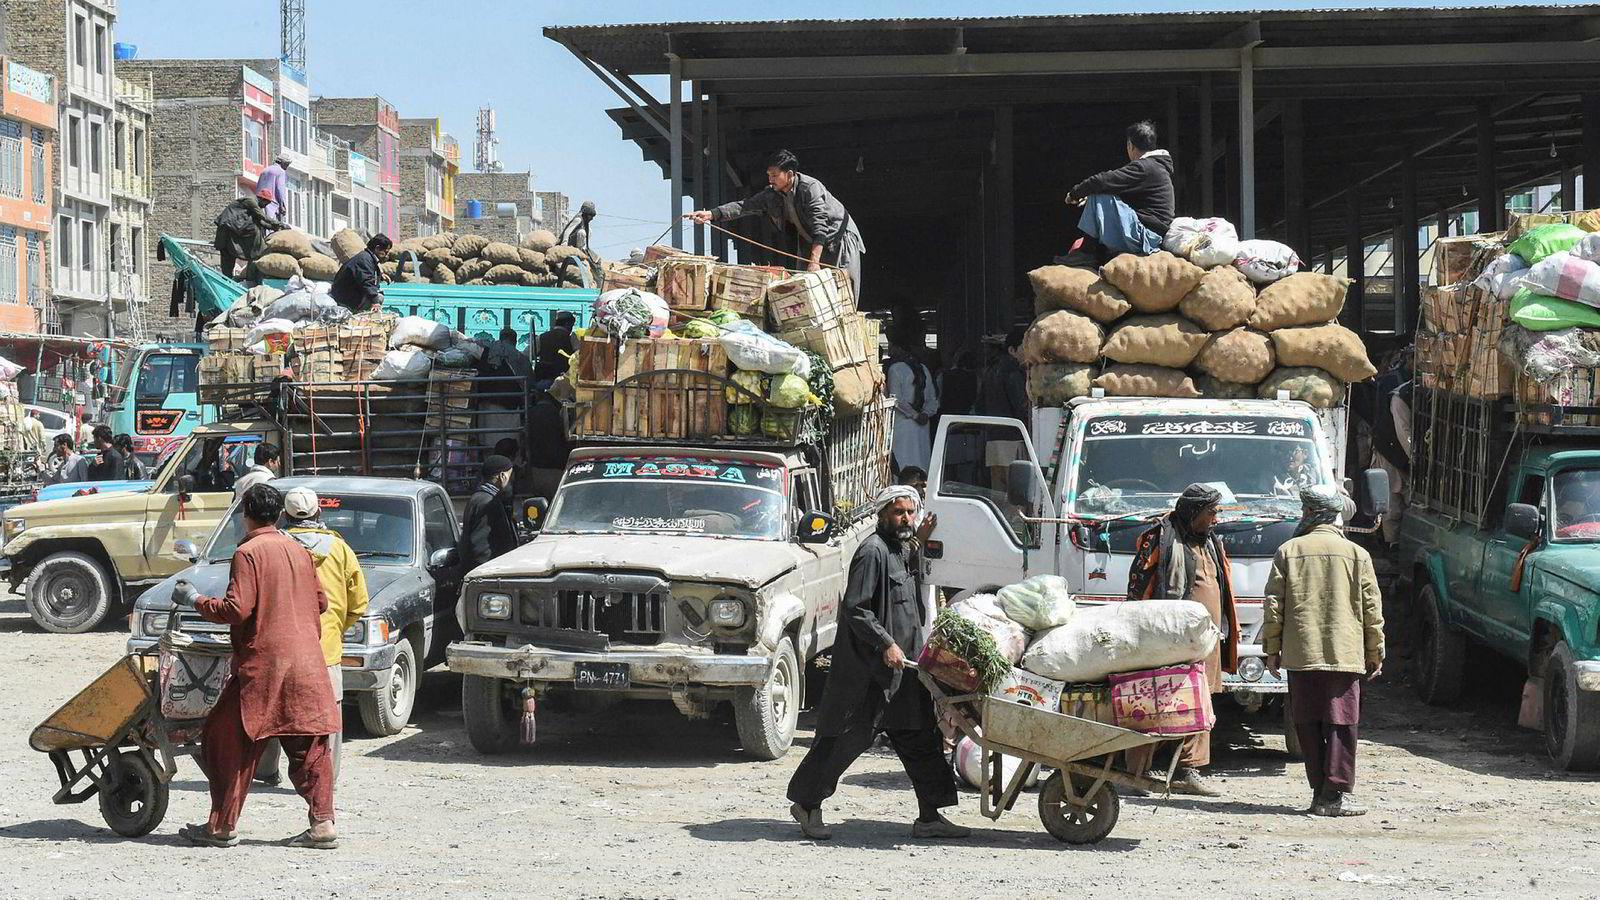 Pakstan får en stor redningspakke fra IMF. Bildet er fra den pakistanske byen Quetta.